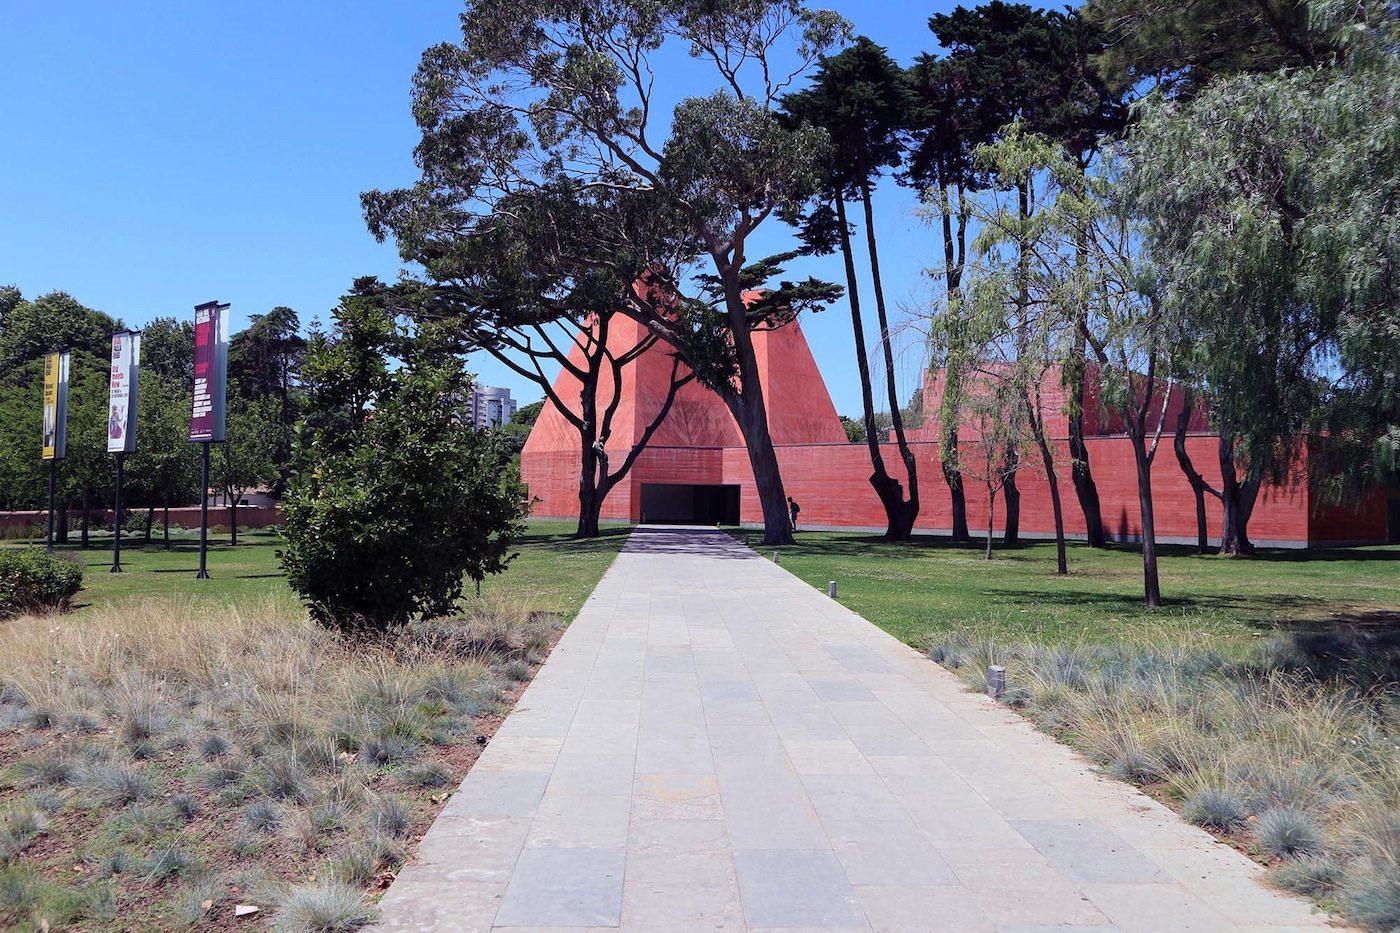 Casa das Histórias Paula Rego. Raul Lino-Häuser, Palácio Nacional de Sintra und das Zisterzienserkloster von Alcobaça nennt Moura als Inspirationsquellen für seinen Bau.